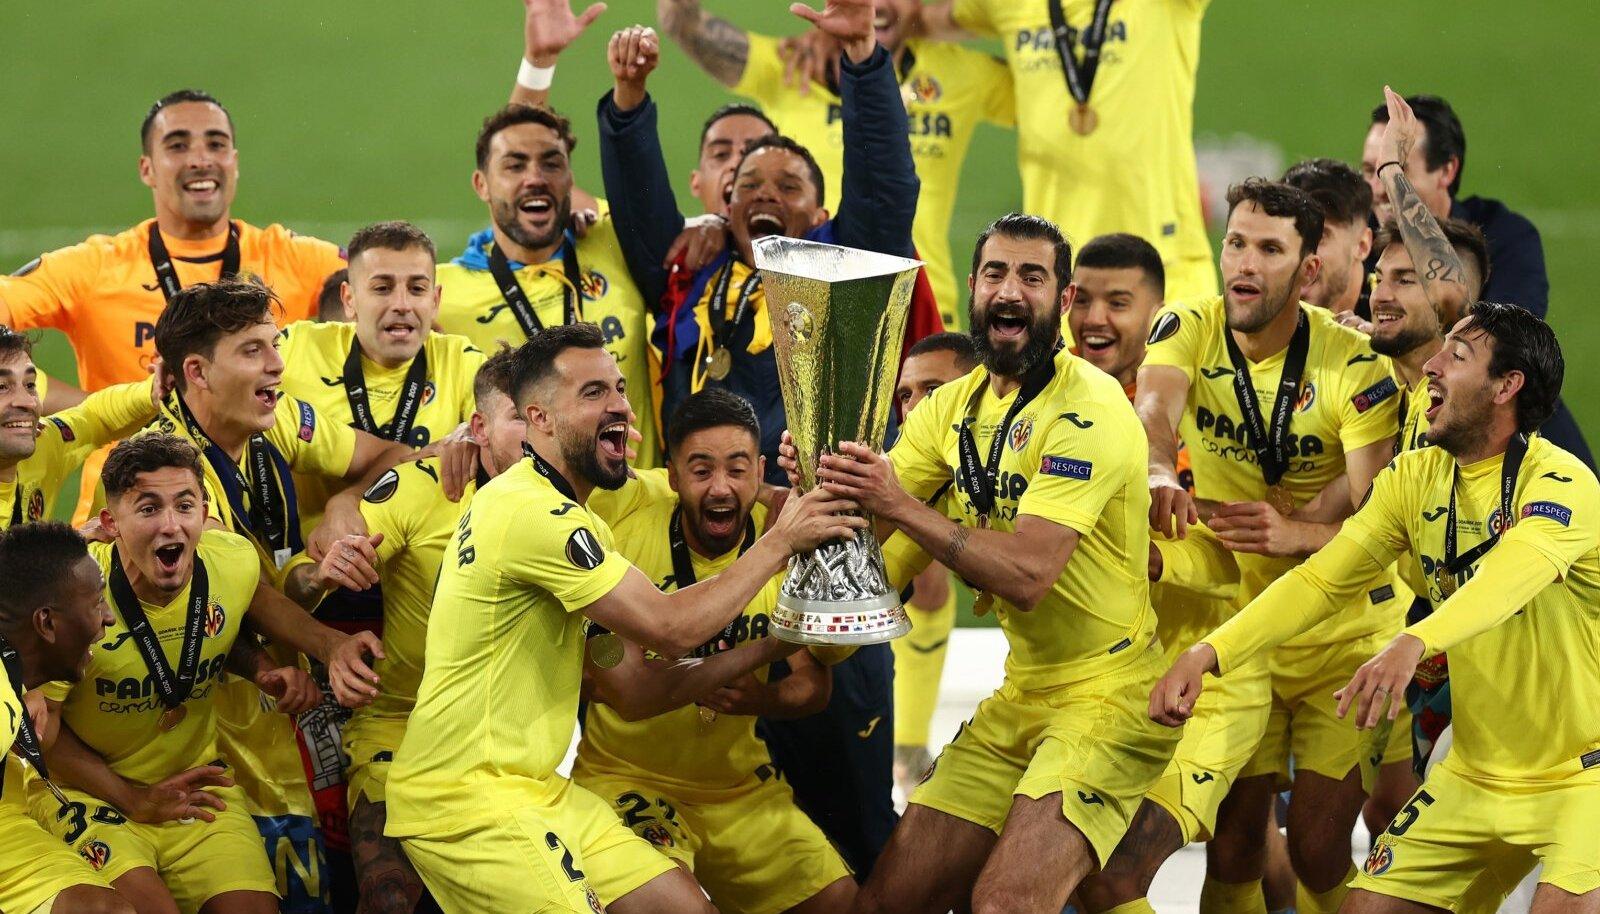 Villarreali mängijad Euroopa liiga võitu tähistamas.